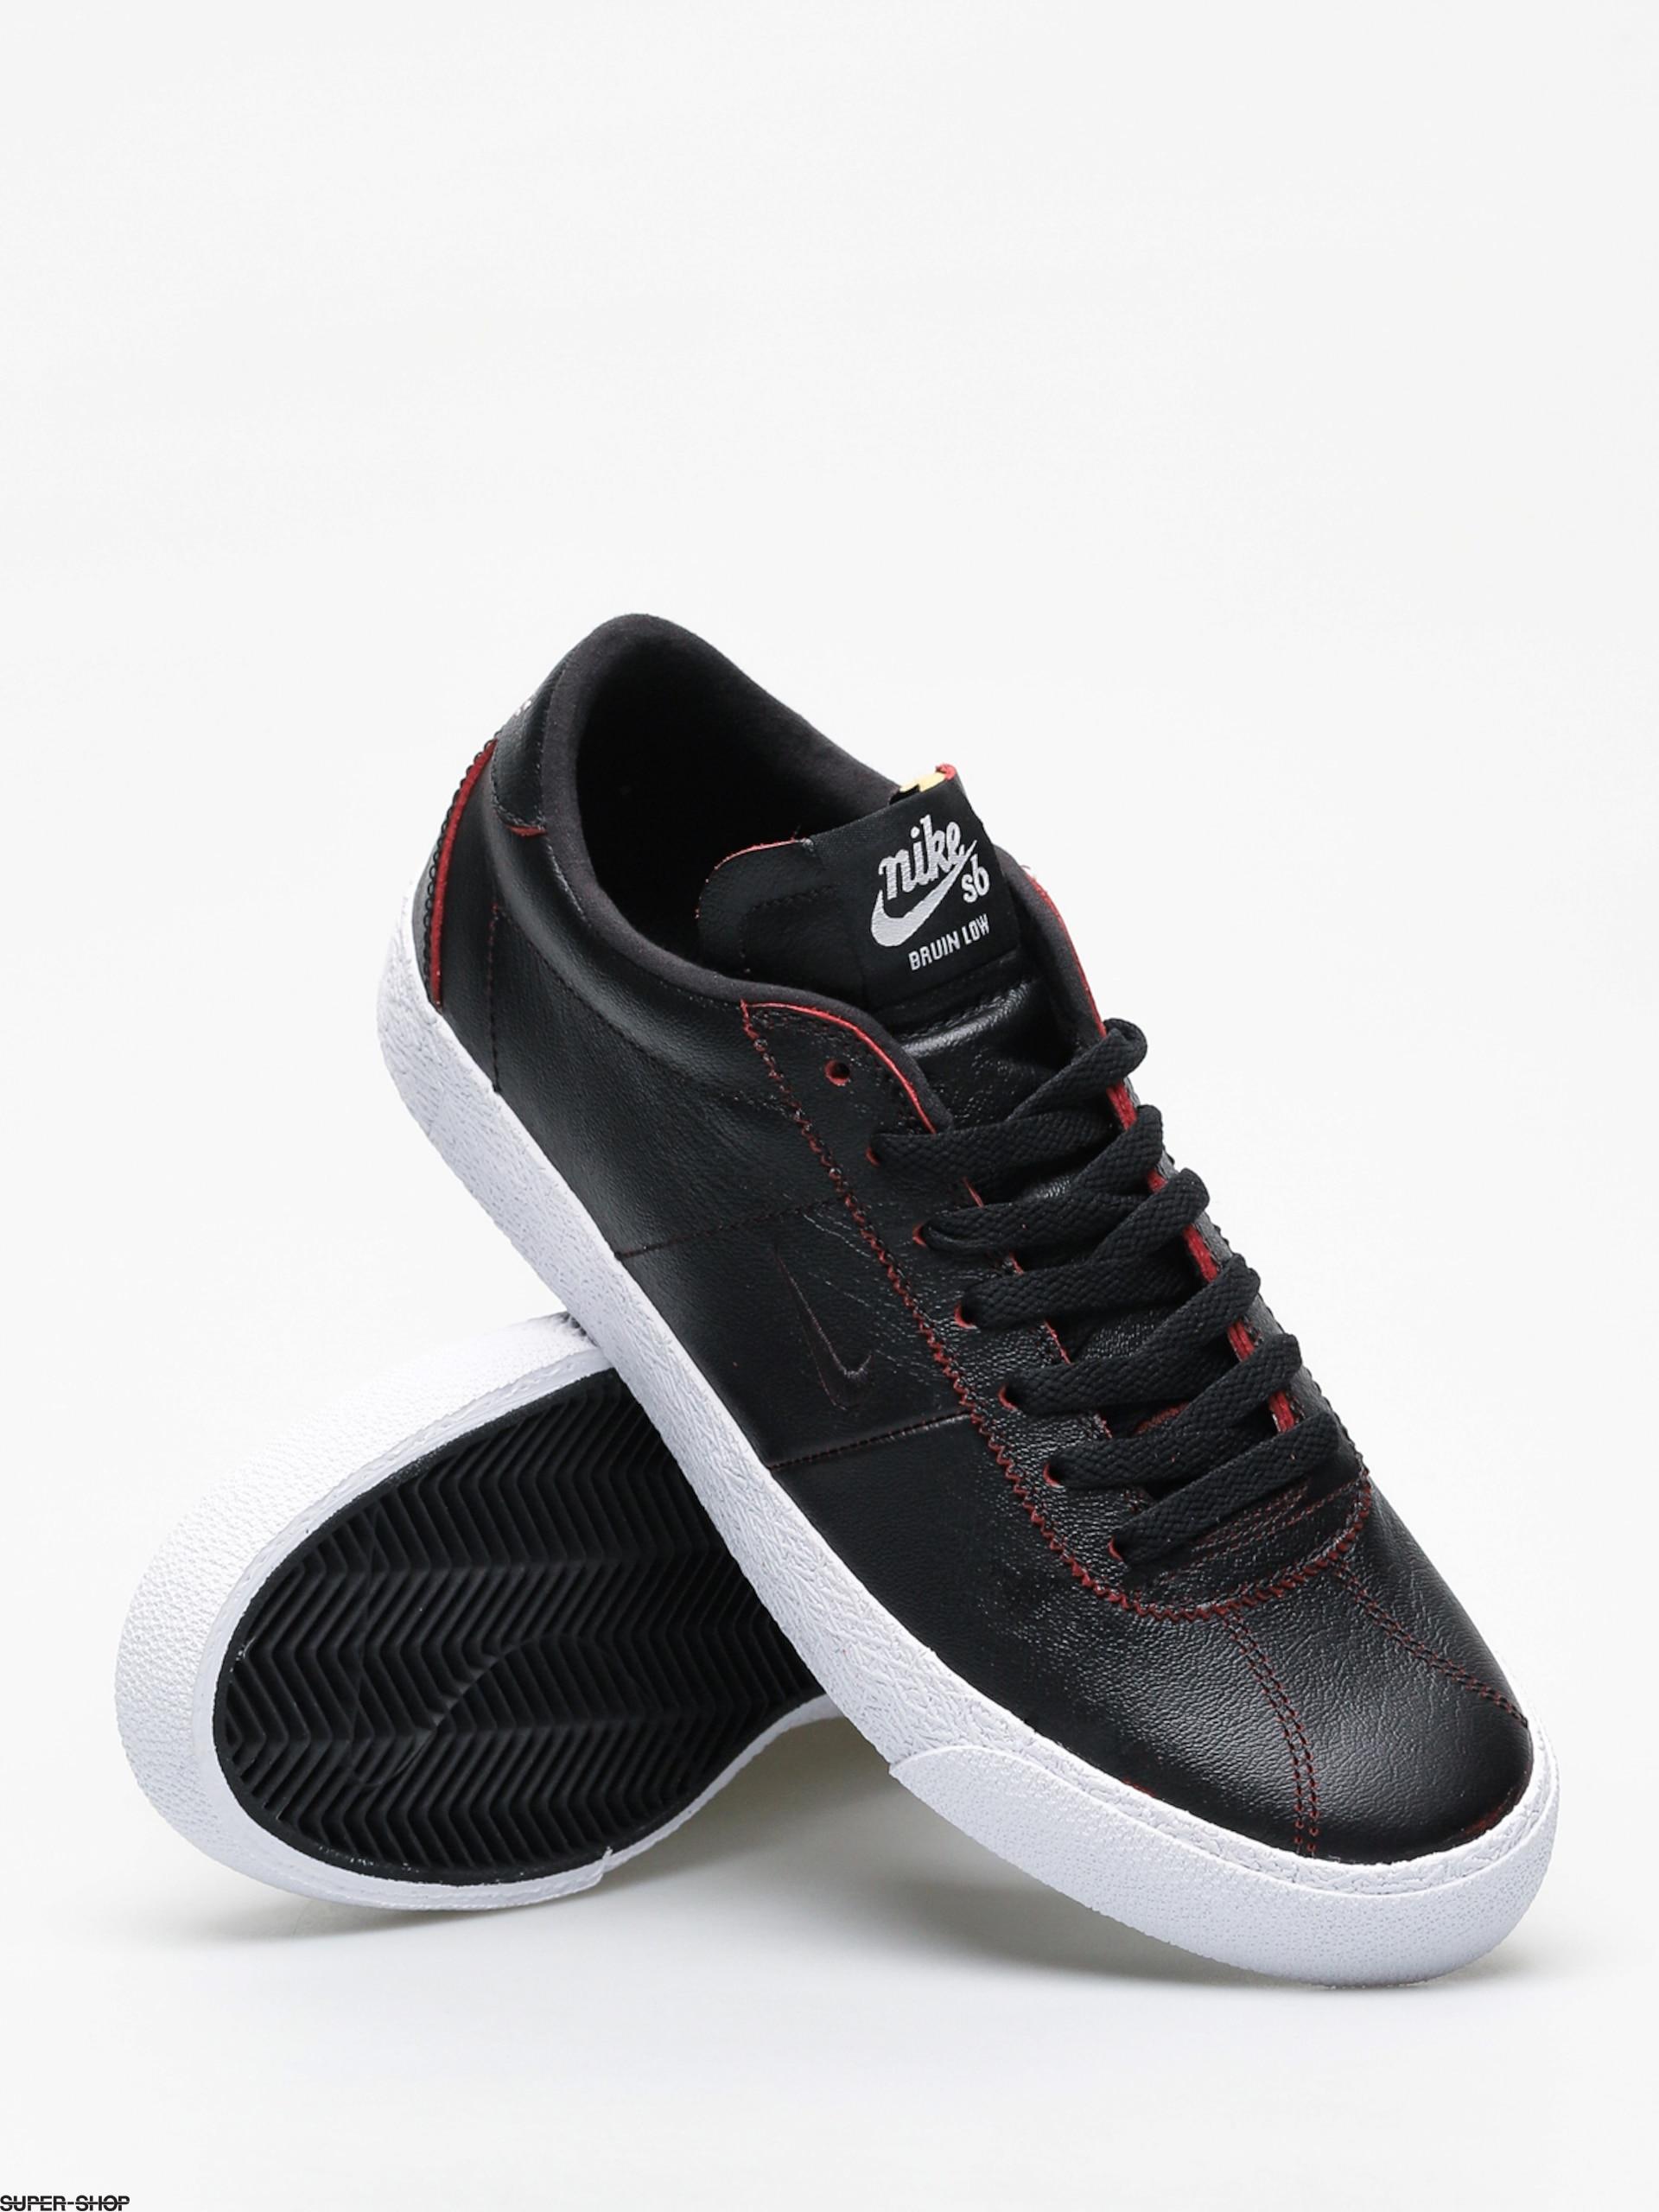 48b550e29e35c Nike SB Zoom Bruin Ultra Nba Shoes (black black university red)